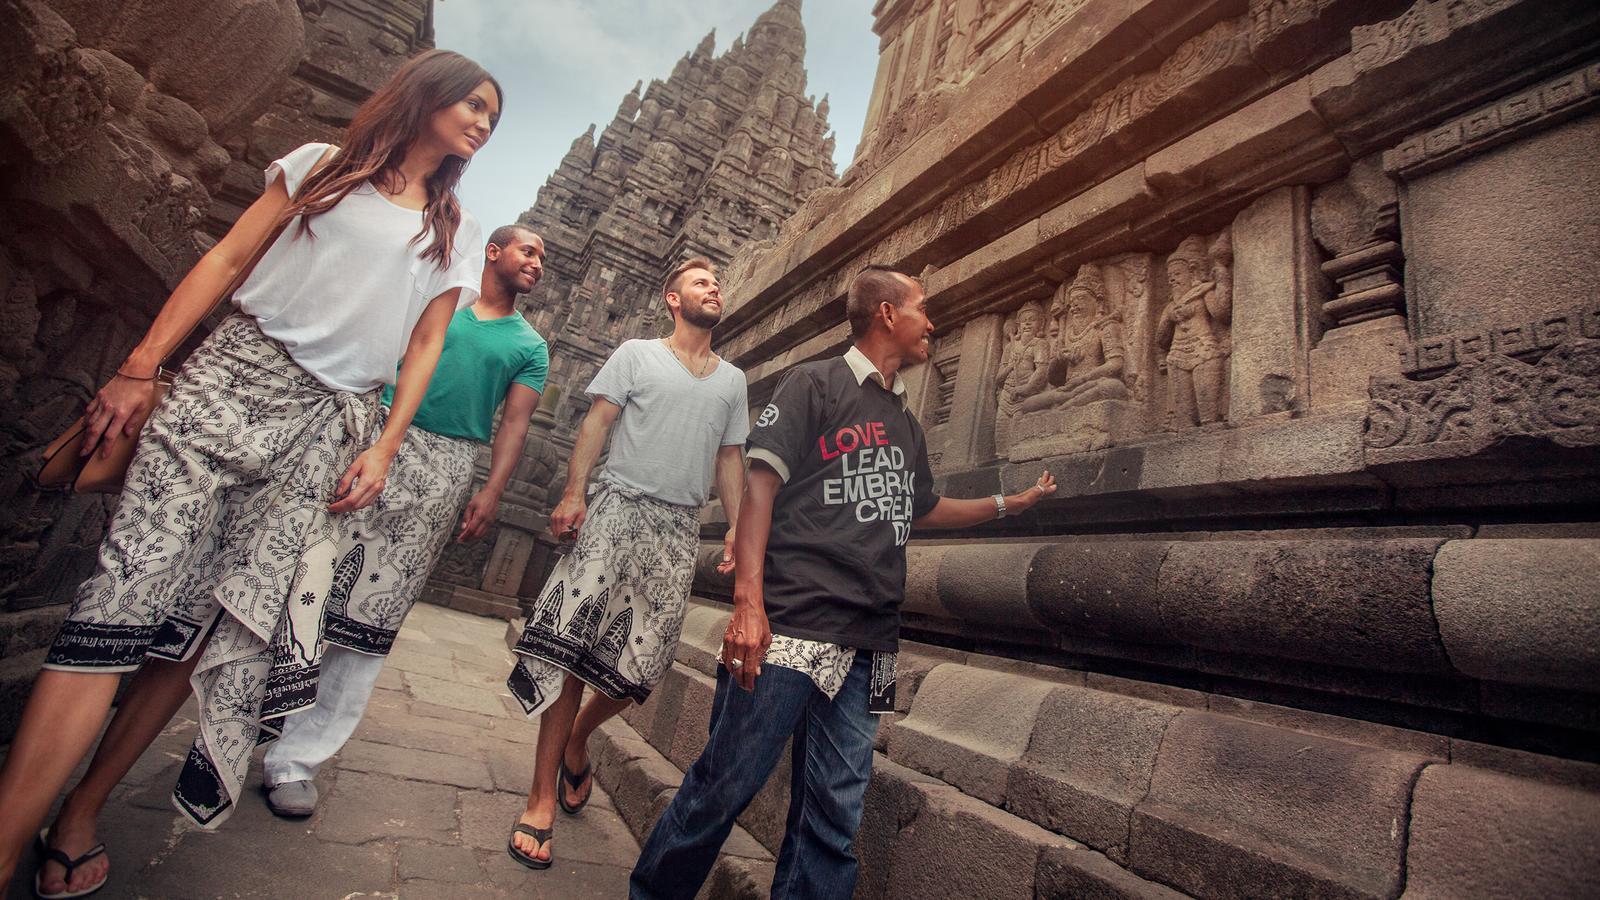 Reisen für junge Leute traveljunkies Bali Indonesien Sumatra Java Abenteuerreise Erlebnisreise Gruppenreise Adventure Prambanan Borobudur